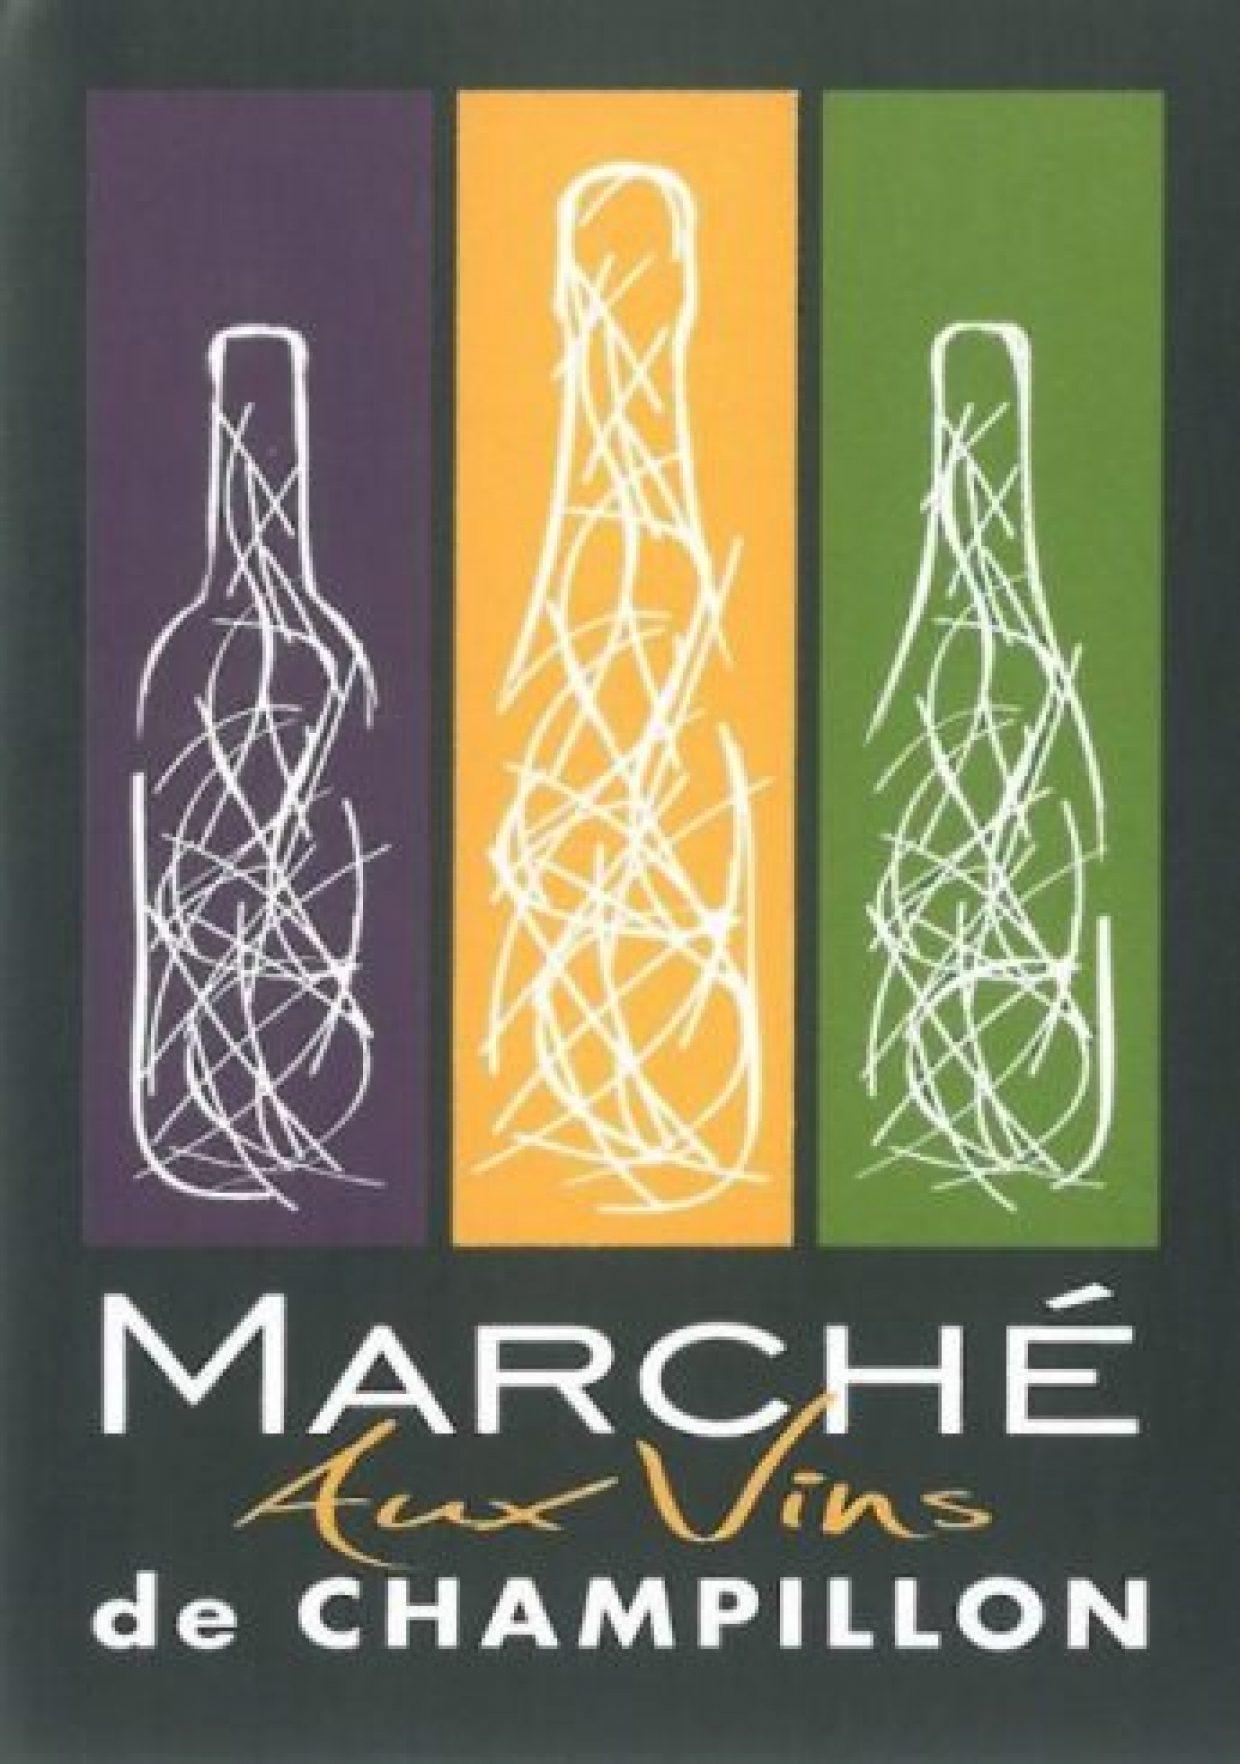 Marché aux vins de Champillon (marne) – Entrée gratuite